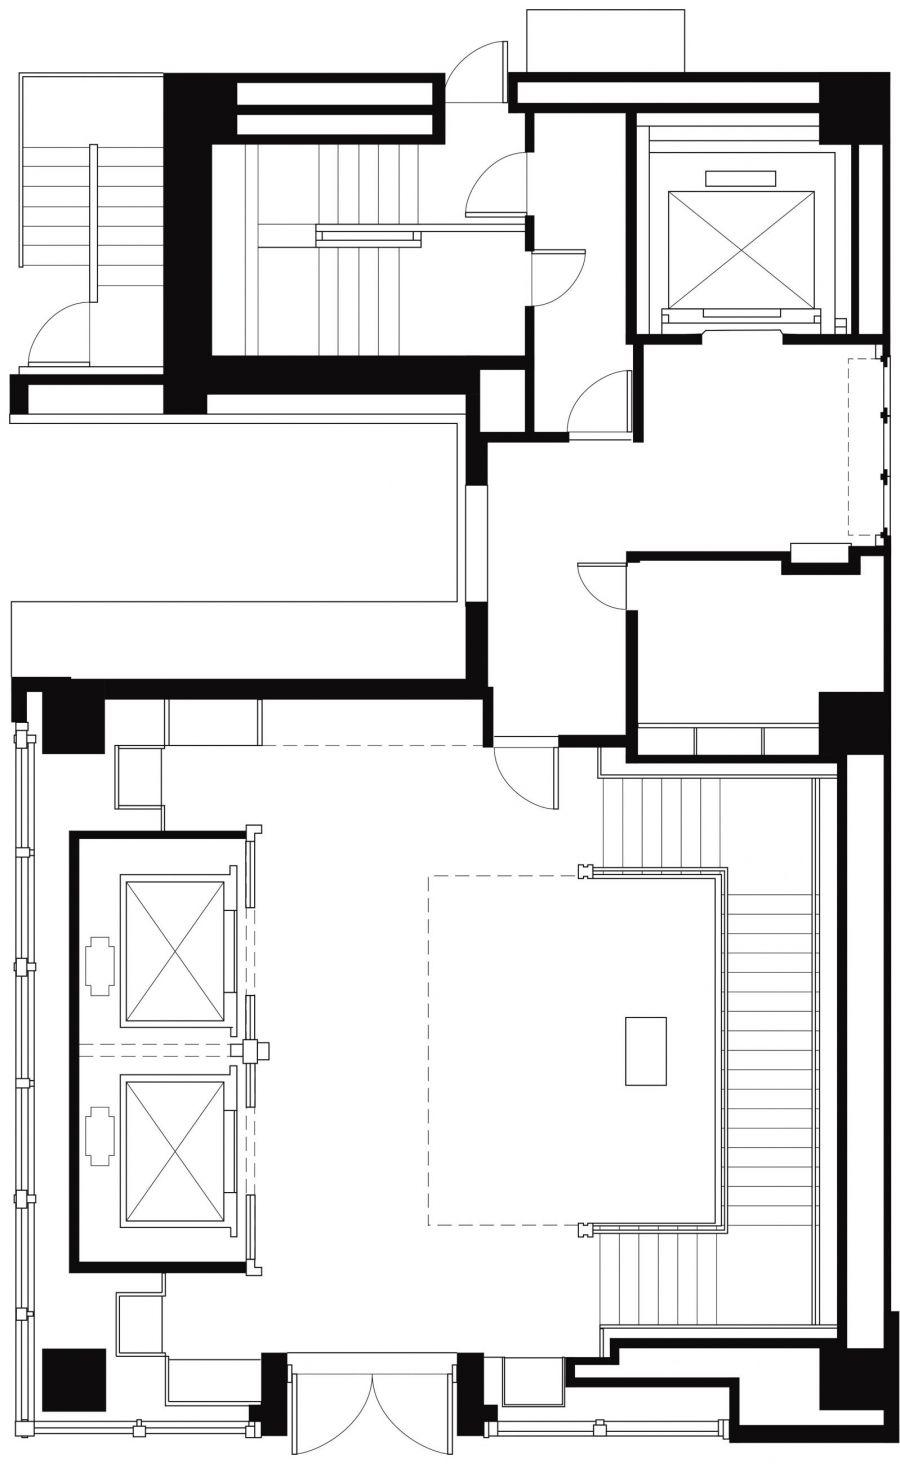 Abercrombie & Fitch Tokyo Ground Floor Plan